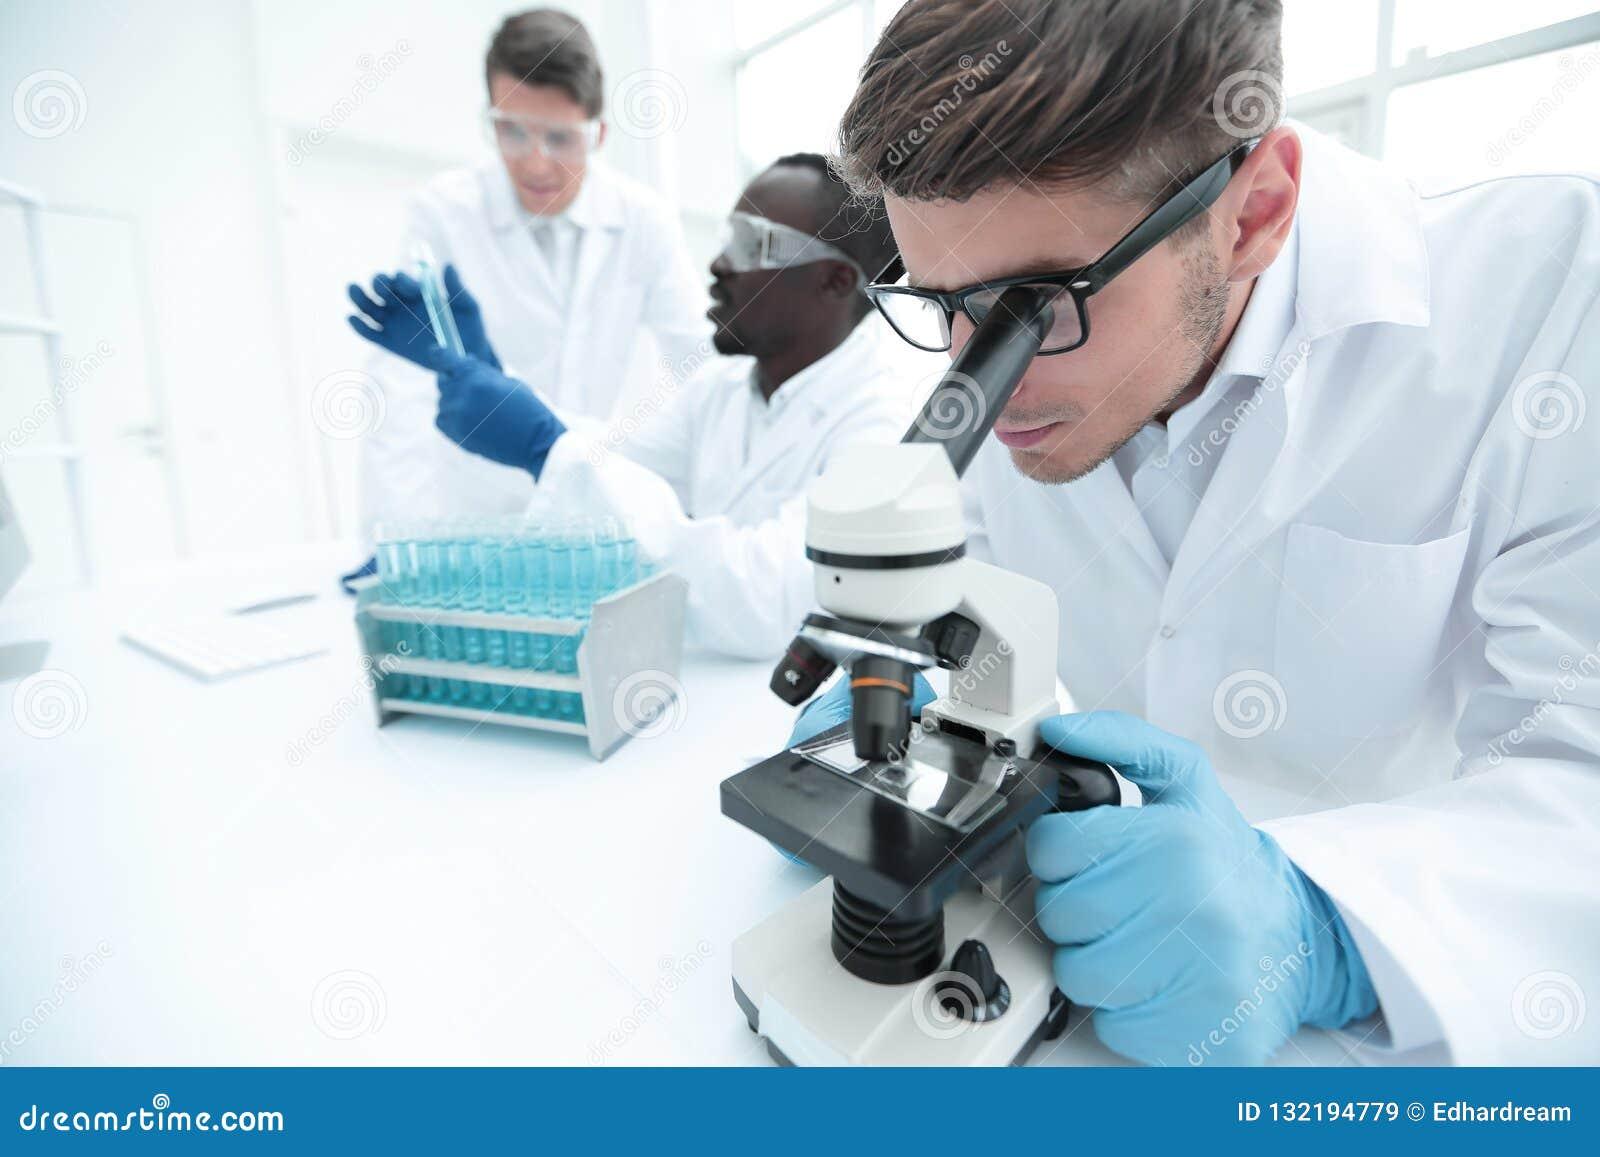 κλείστε επάνω ο επιστήμονας χρησιμοποιεί ένα μικροσκόπιο για την έρευνα